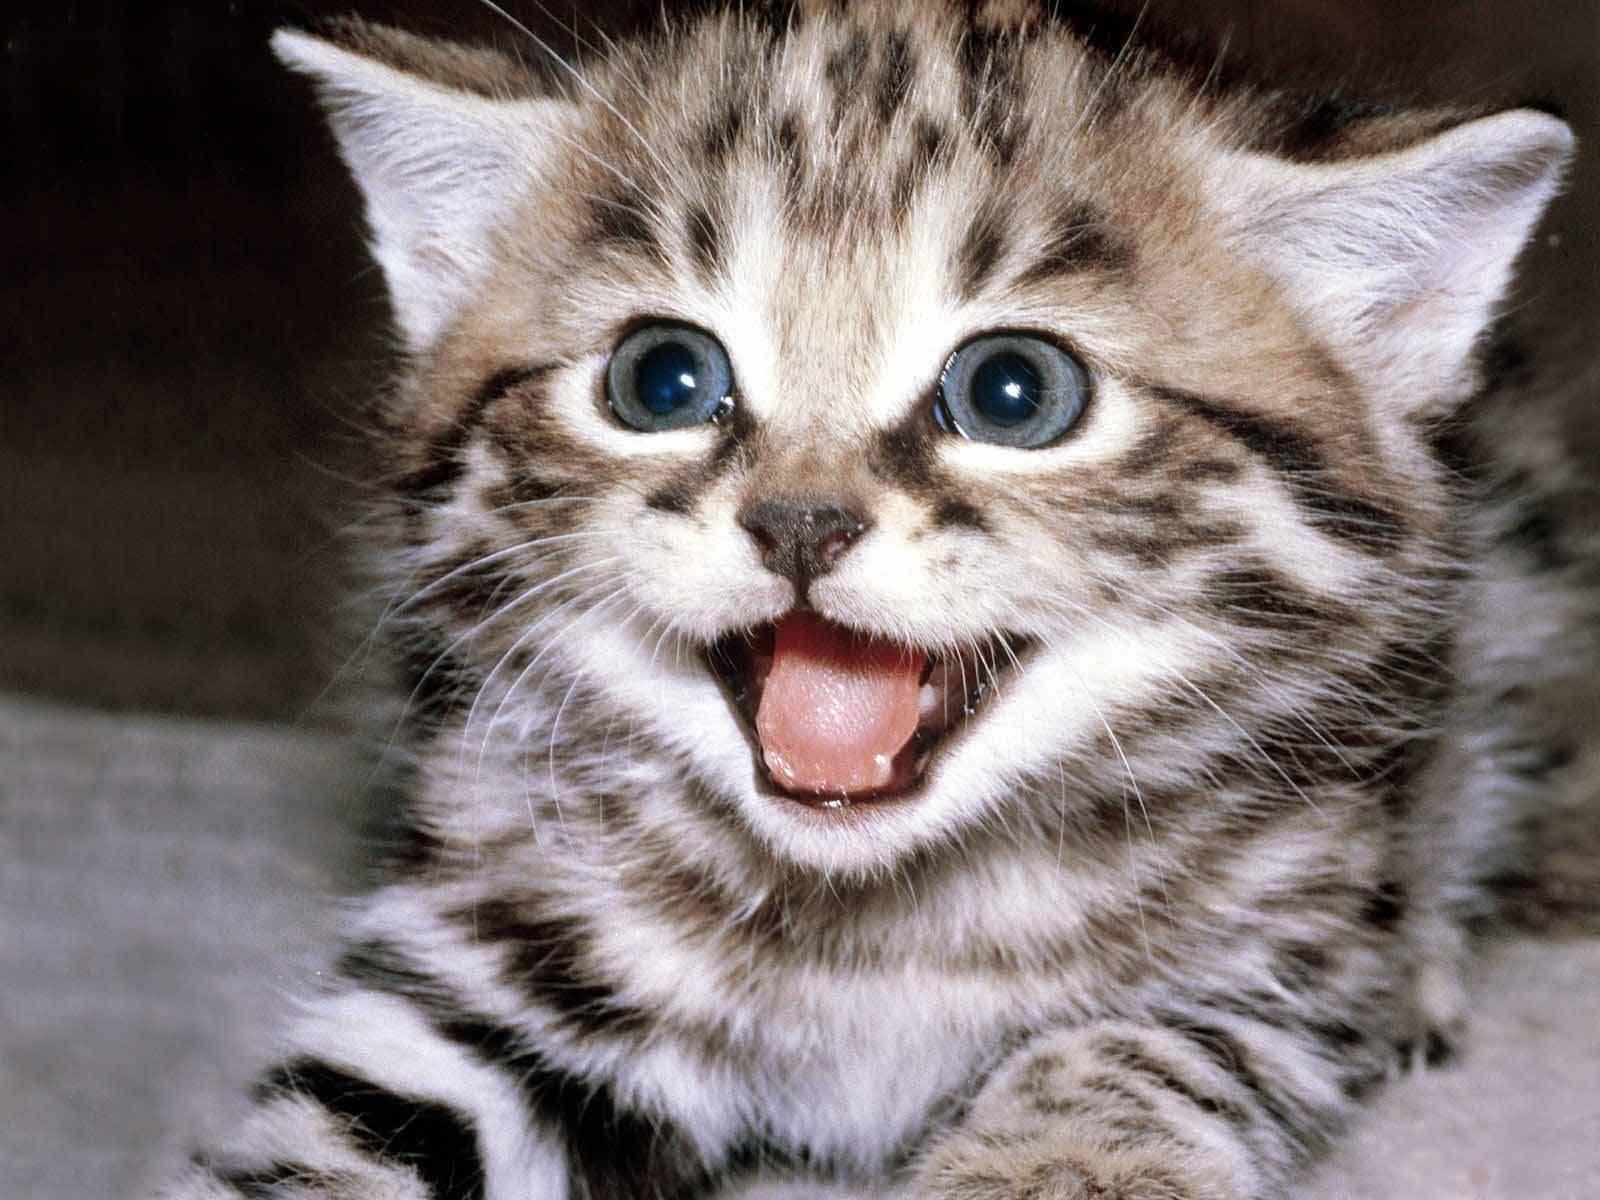 Meet Cute Kitty - VCH NewsVCH News |